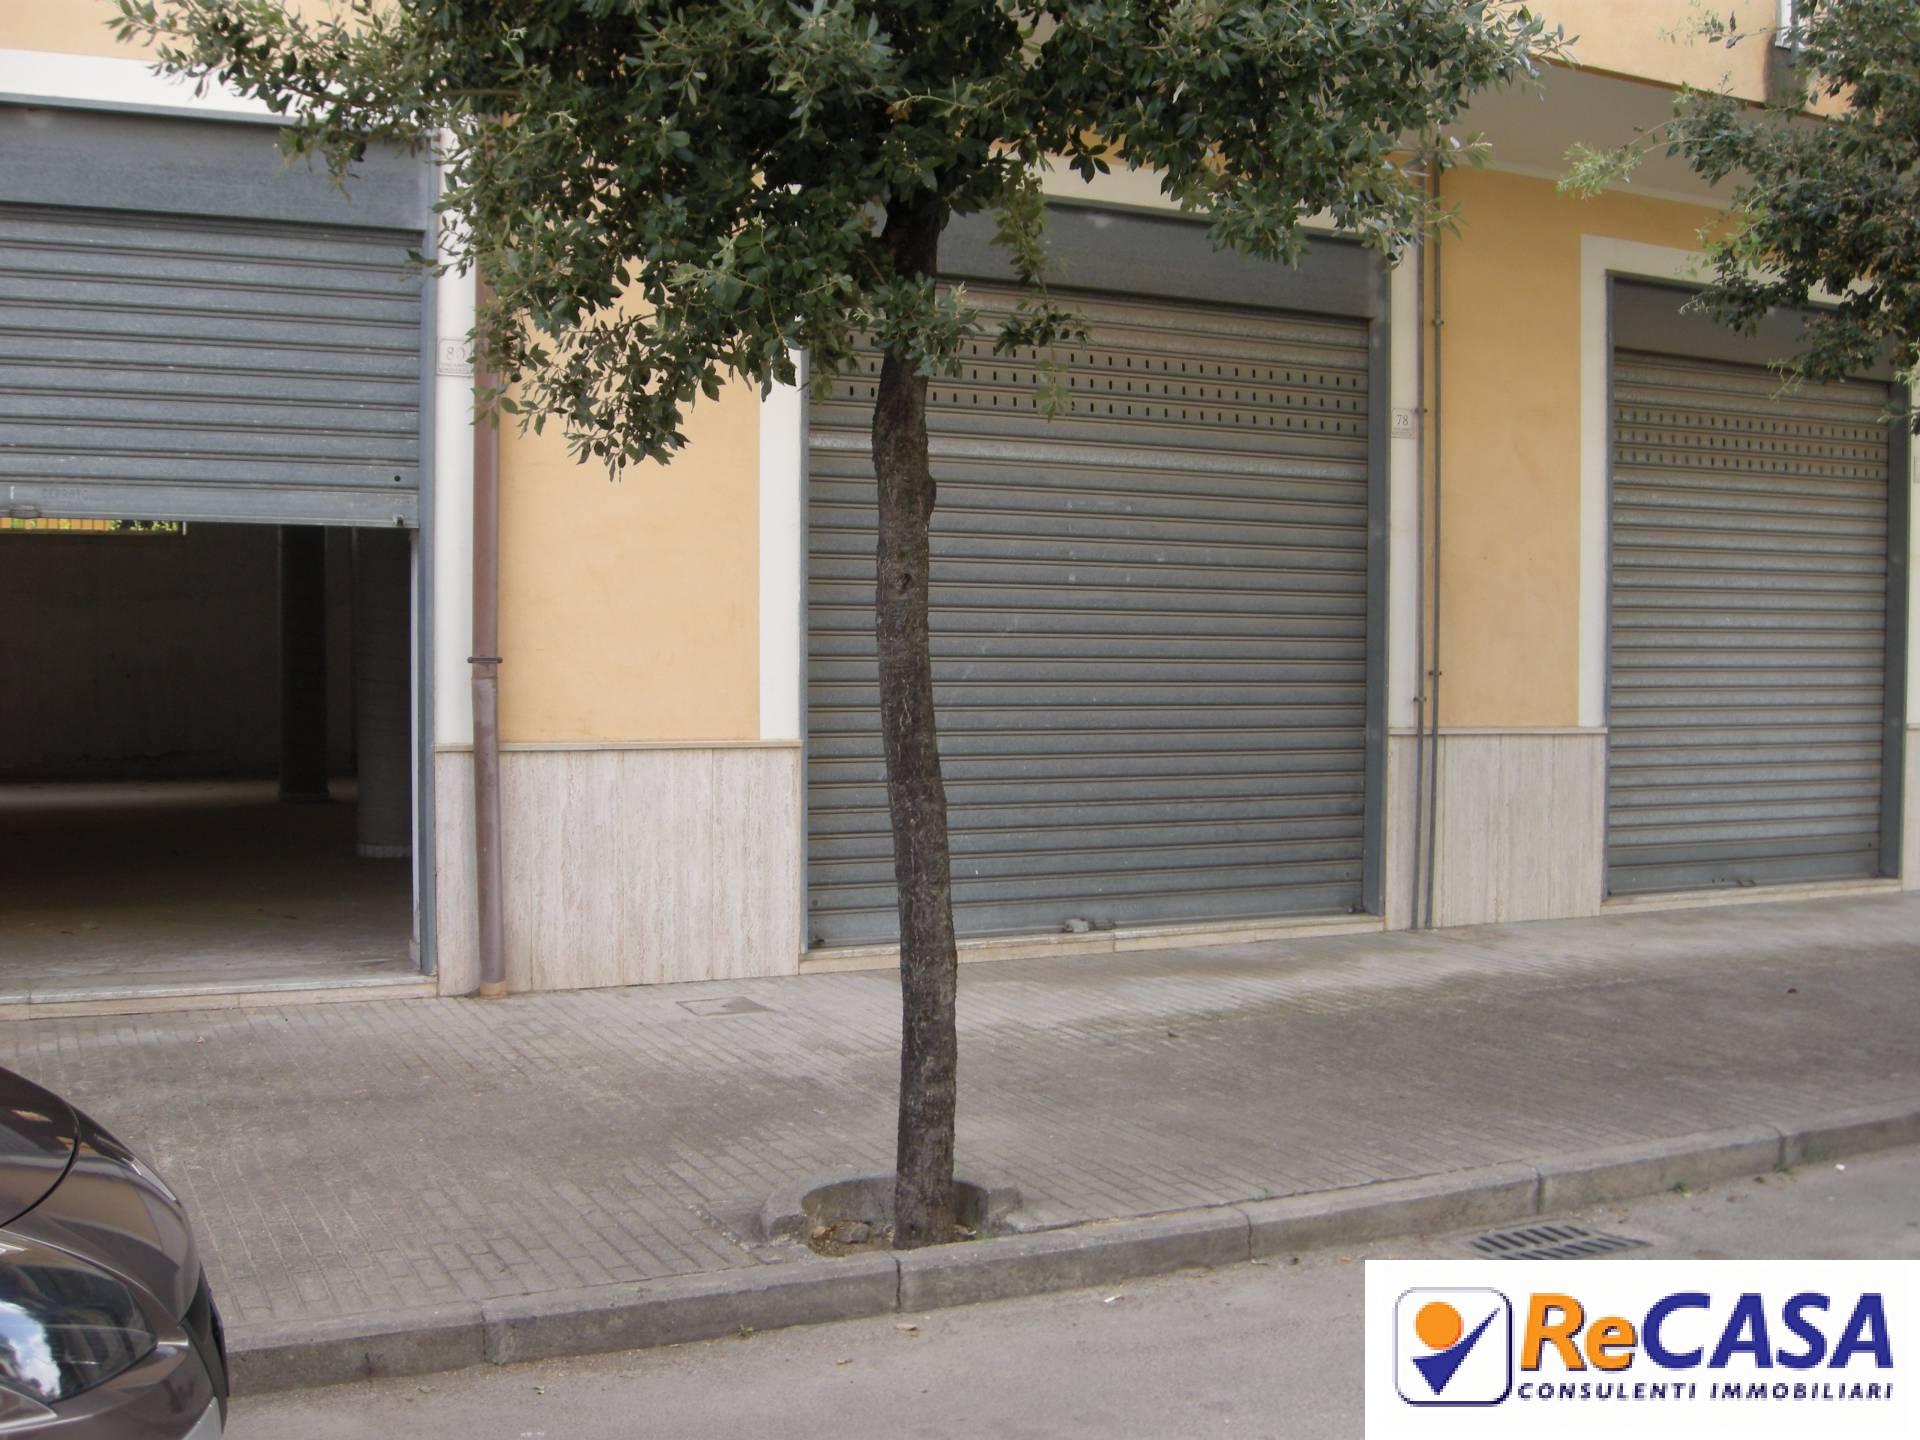 Magazzino in affitto a Bellizzi, 9999 locali, zona Località: Centro, prezzo € 950 | CambioCasa.it